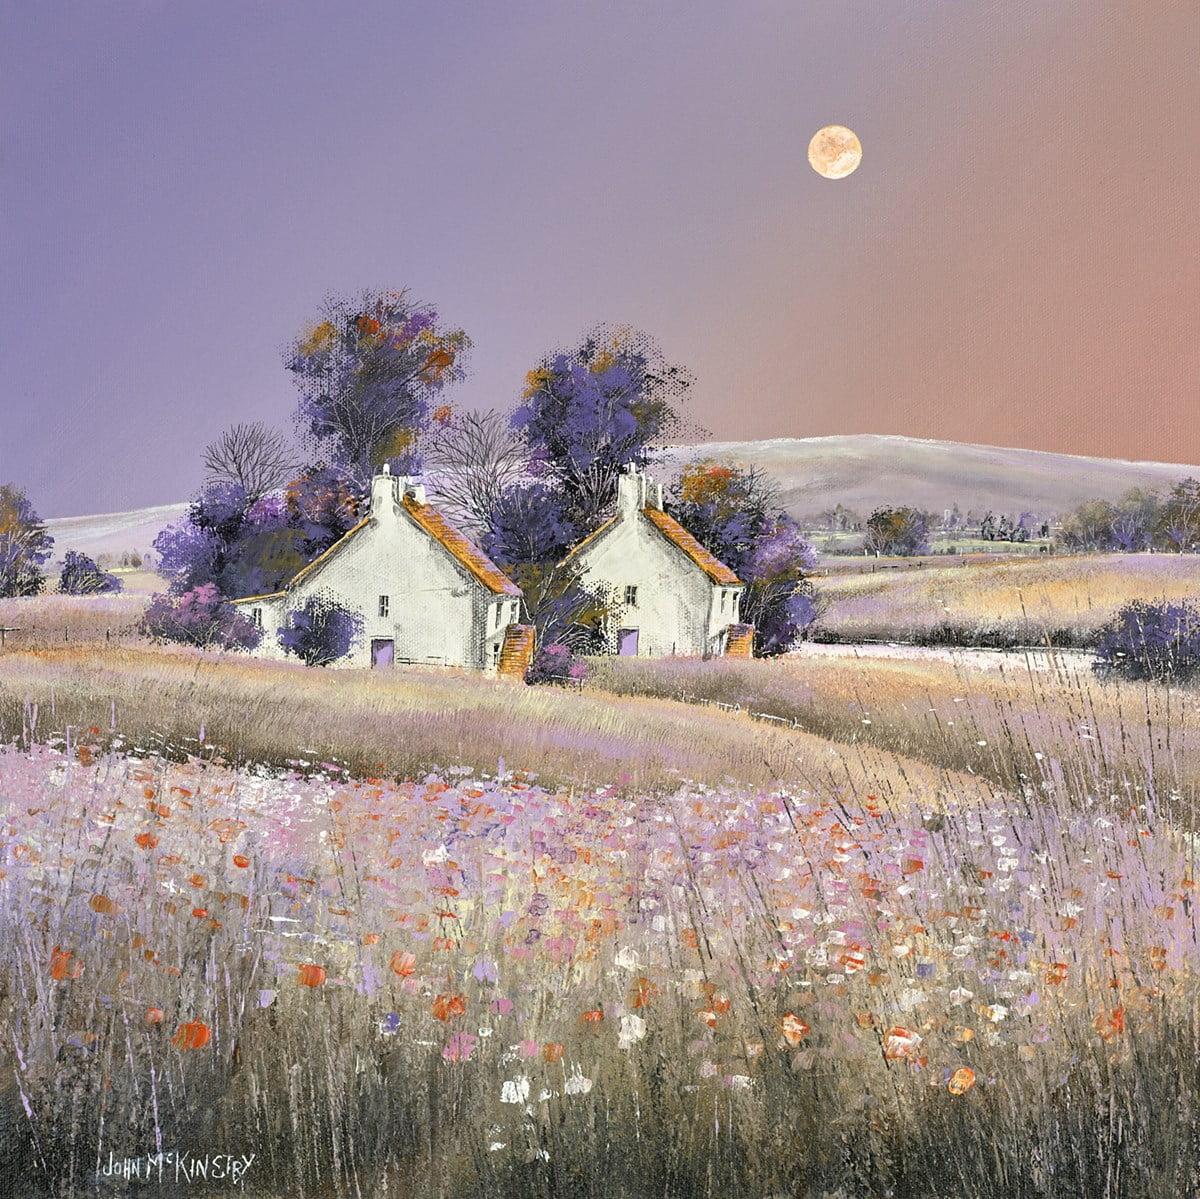 Autumn Morning II ~ John Mckinstry